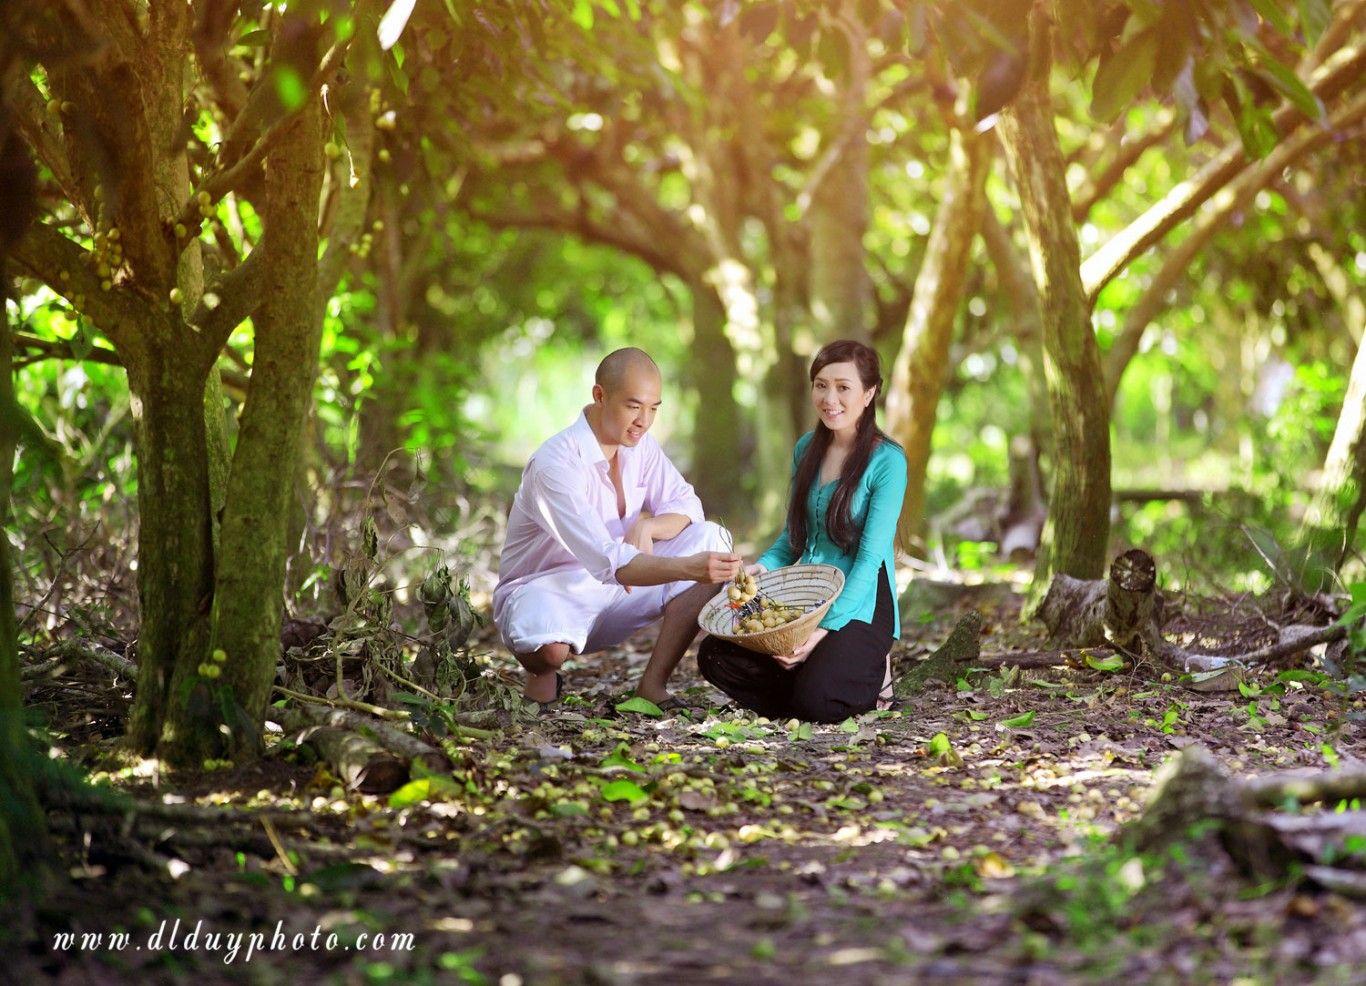 thương-hiệu-chụp-hình-cưới-đẹp (5)